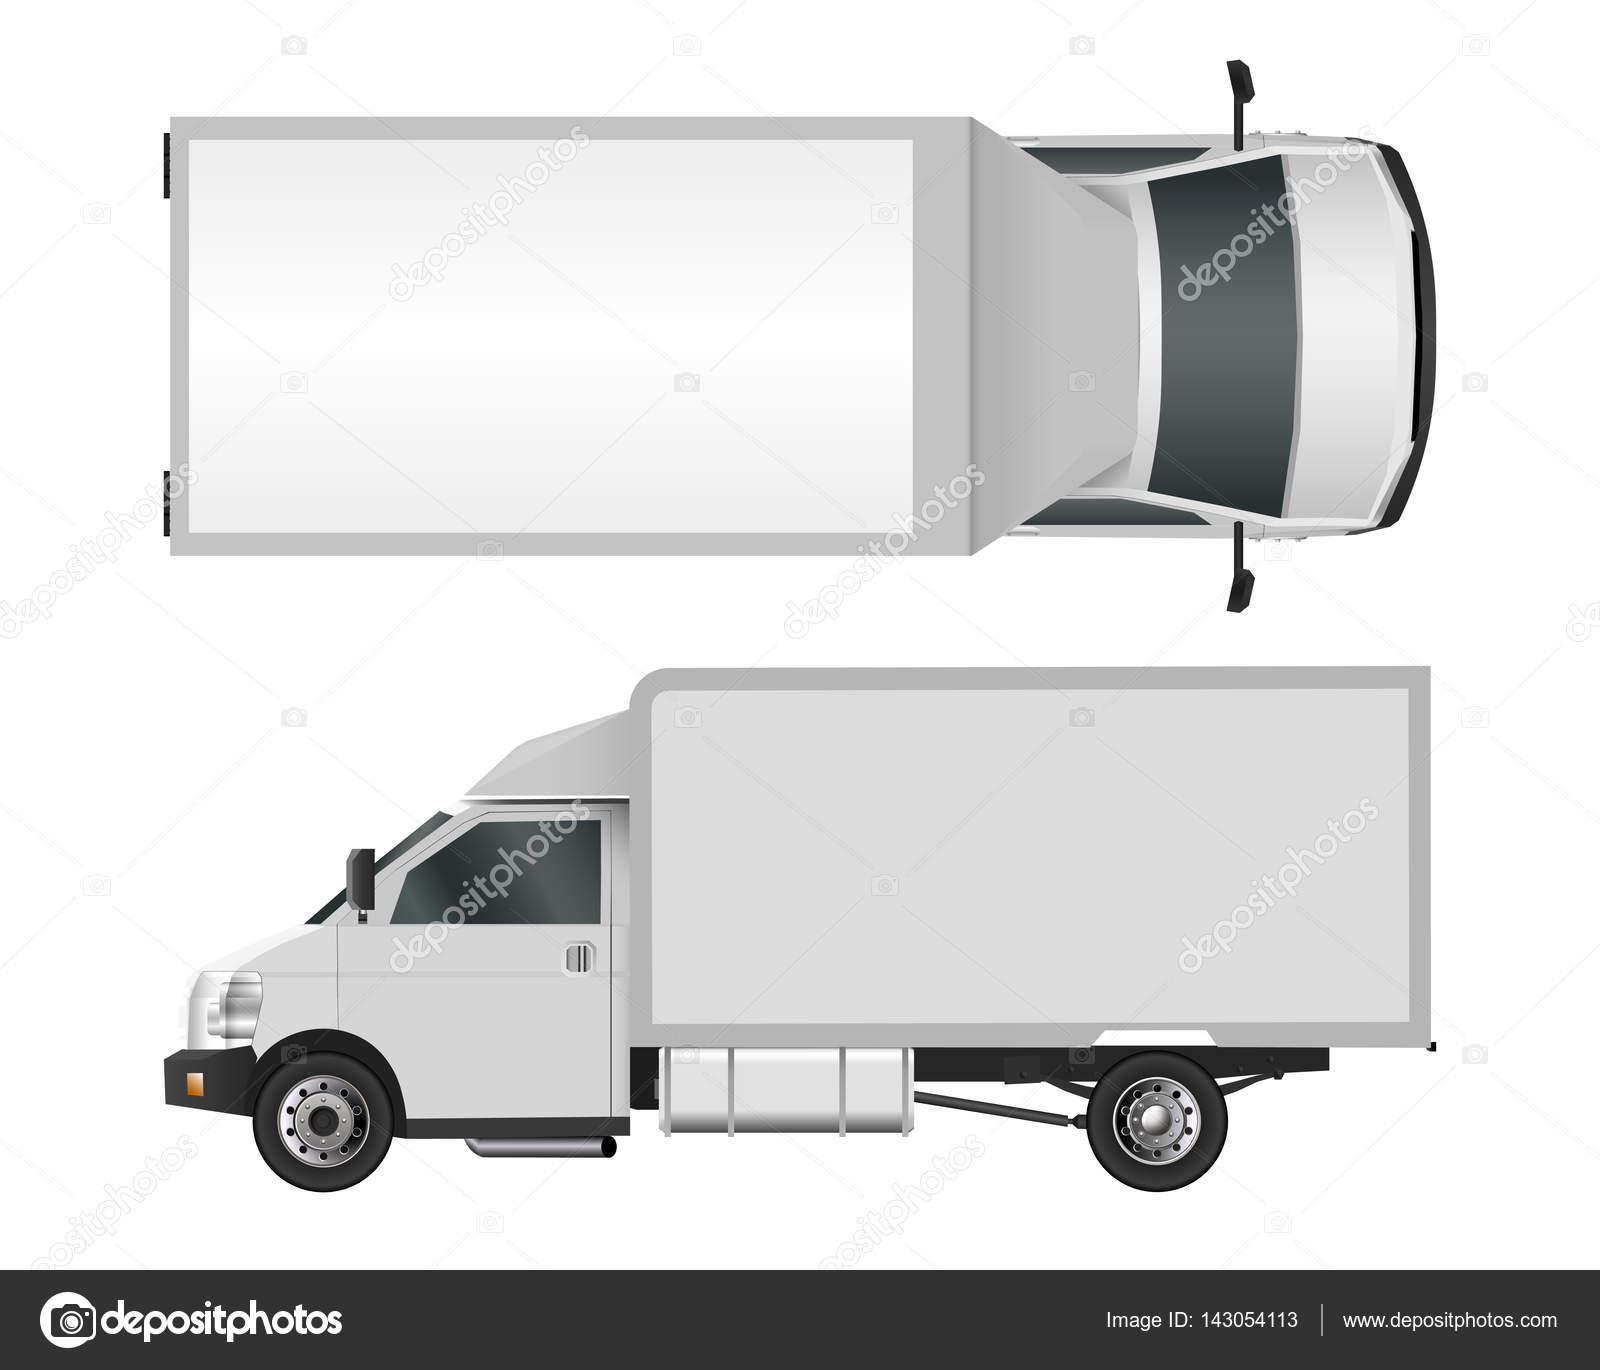 Plantilla de camión blanco. Cargo van Vector ilustración eps 10 ...